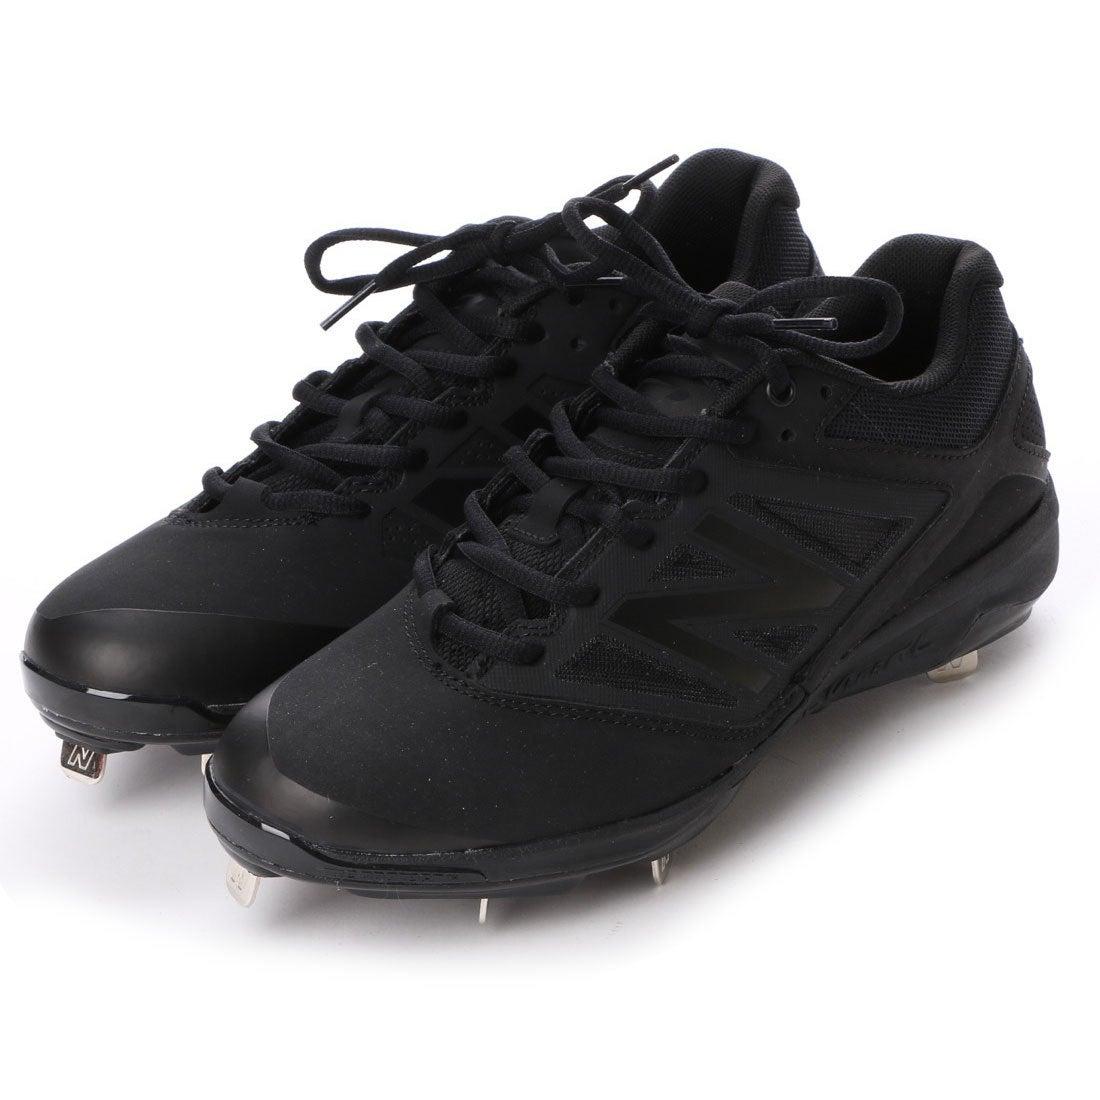 ニューバランス new balance 野球スパイク L4040V3 AK3 L4040D ブラック (ブラック×ホワイト)